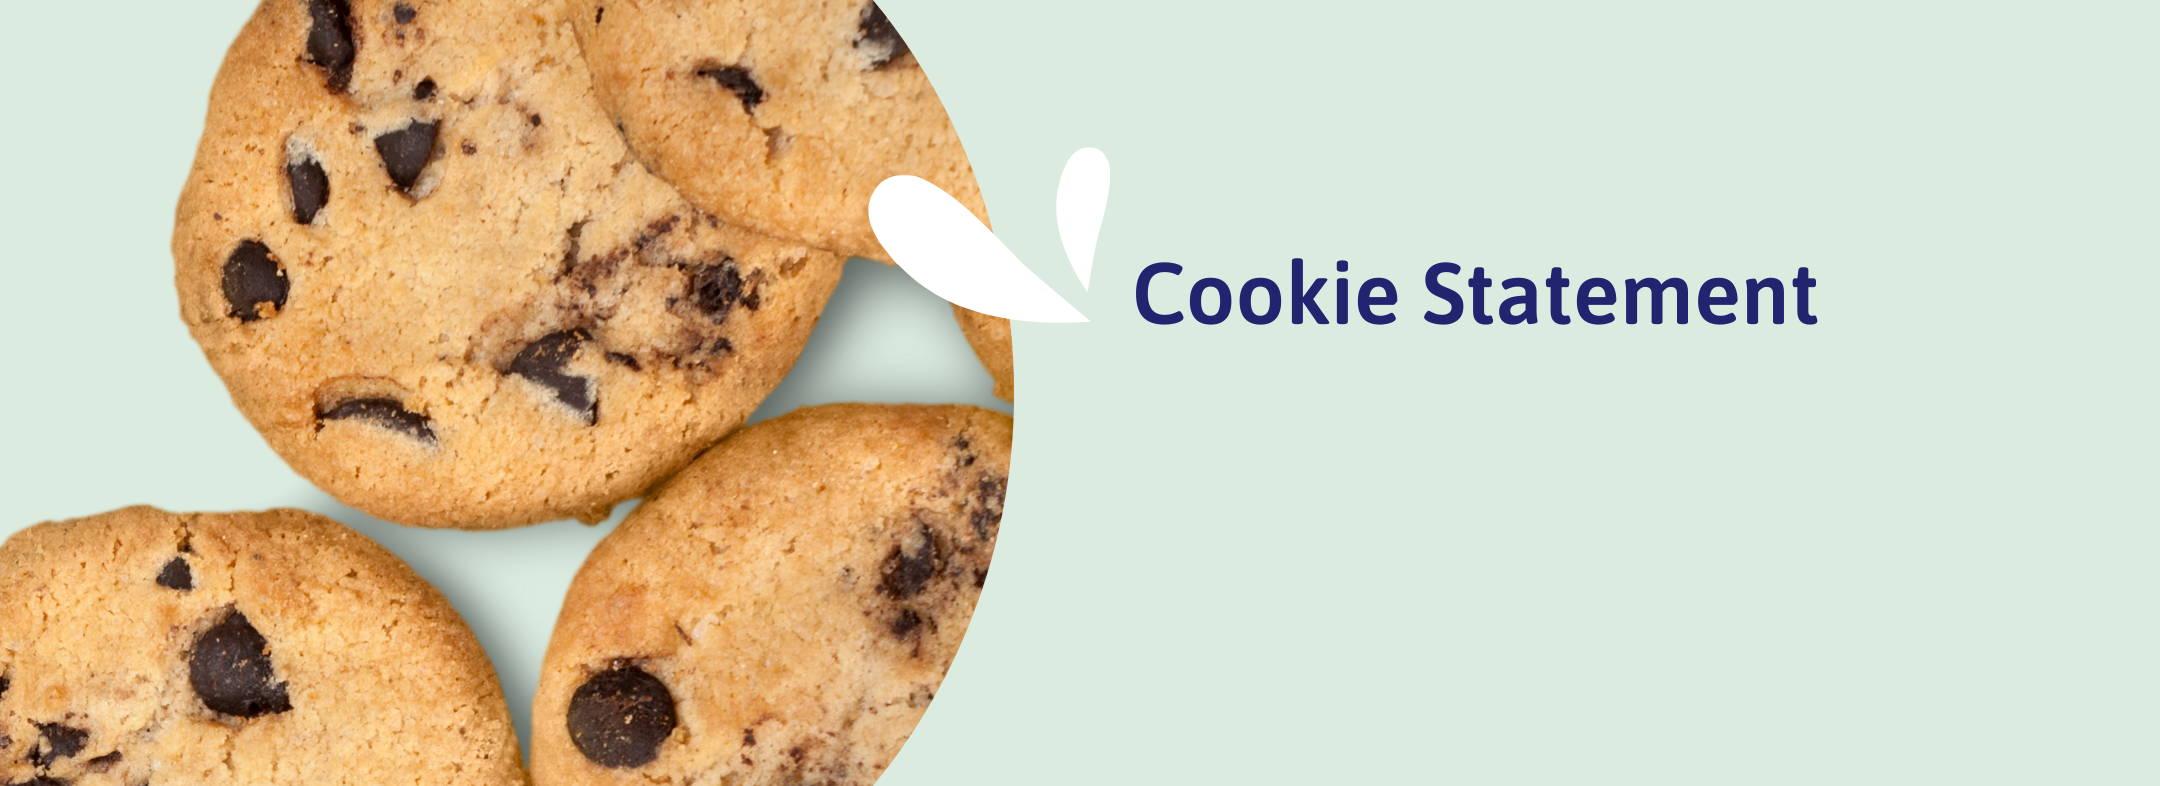 Cookie Statement Biostime